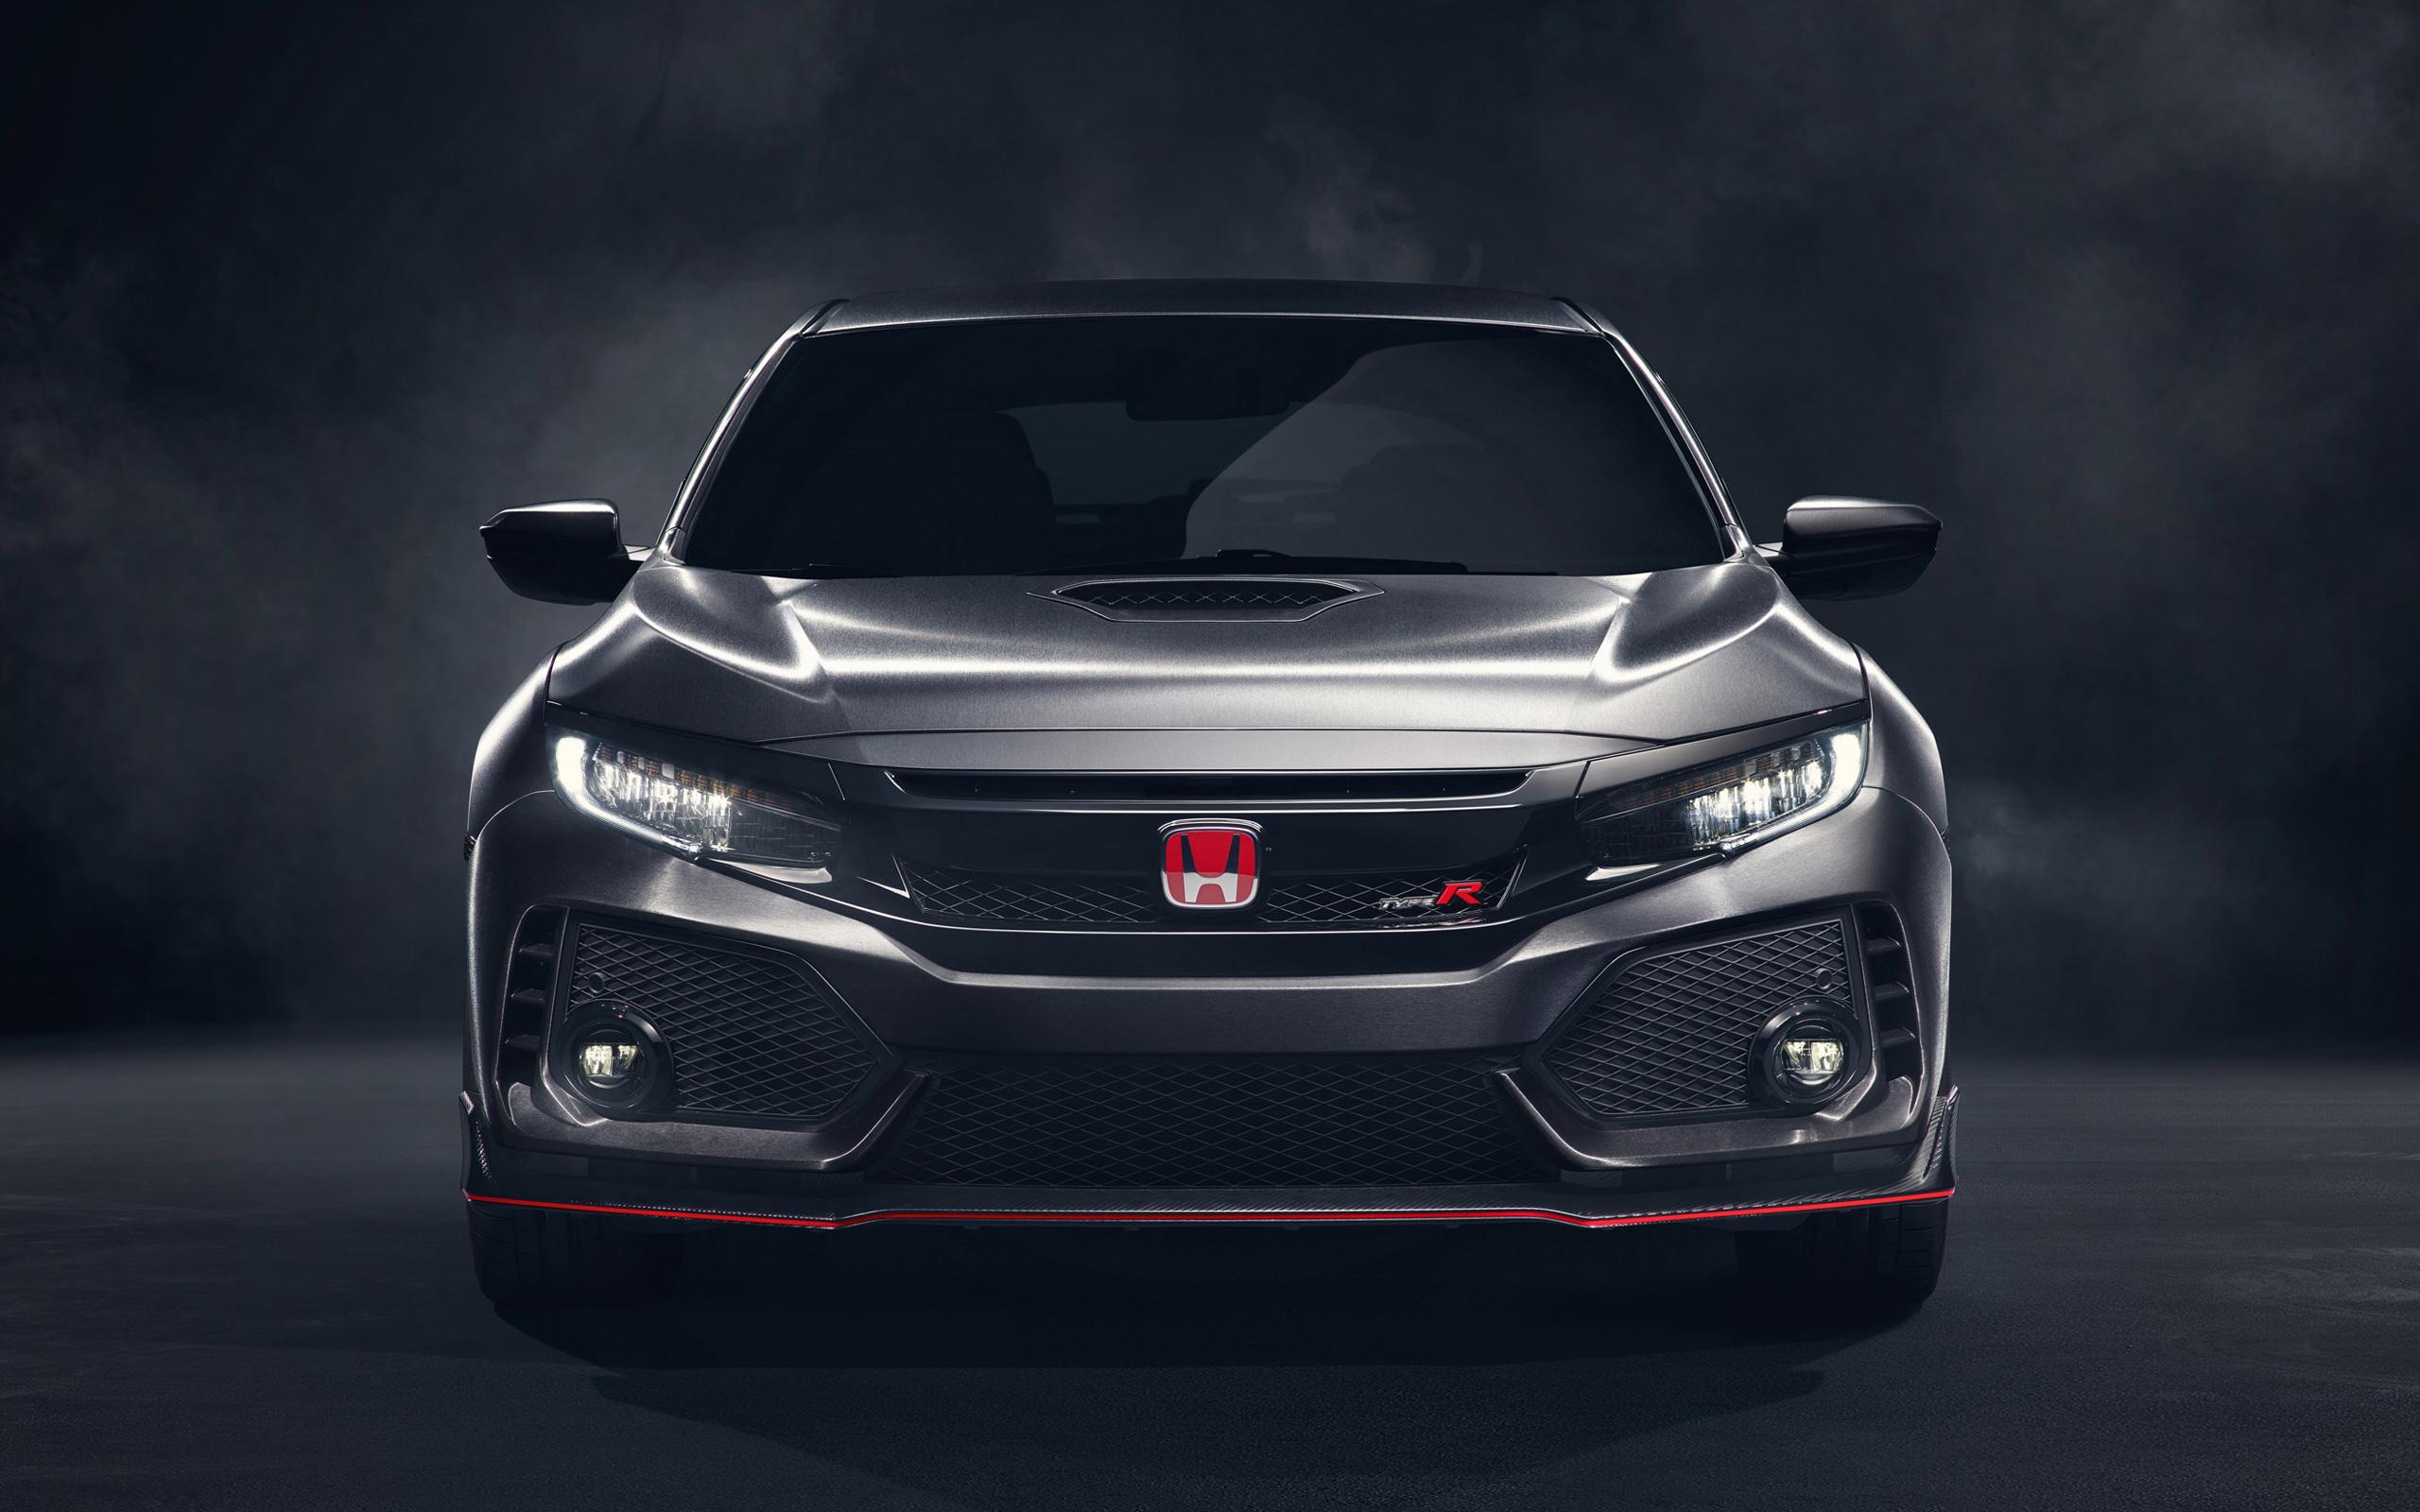 2017 Honda Civic Type R Wallpaper HD Car Wallpapers 2560x1600